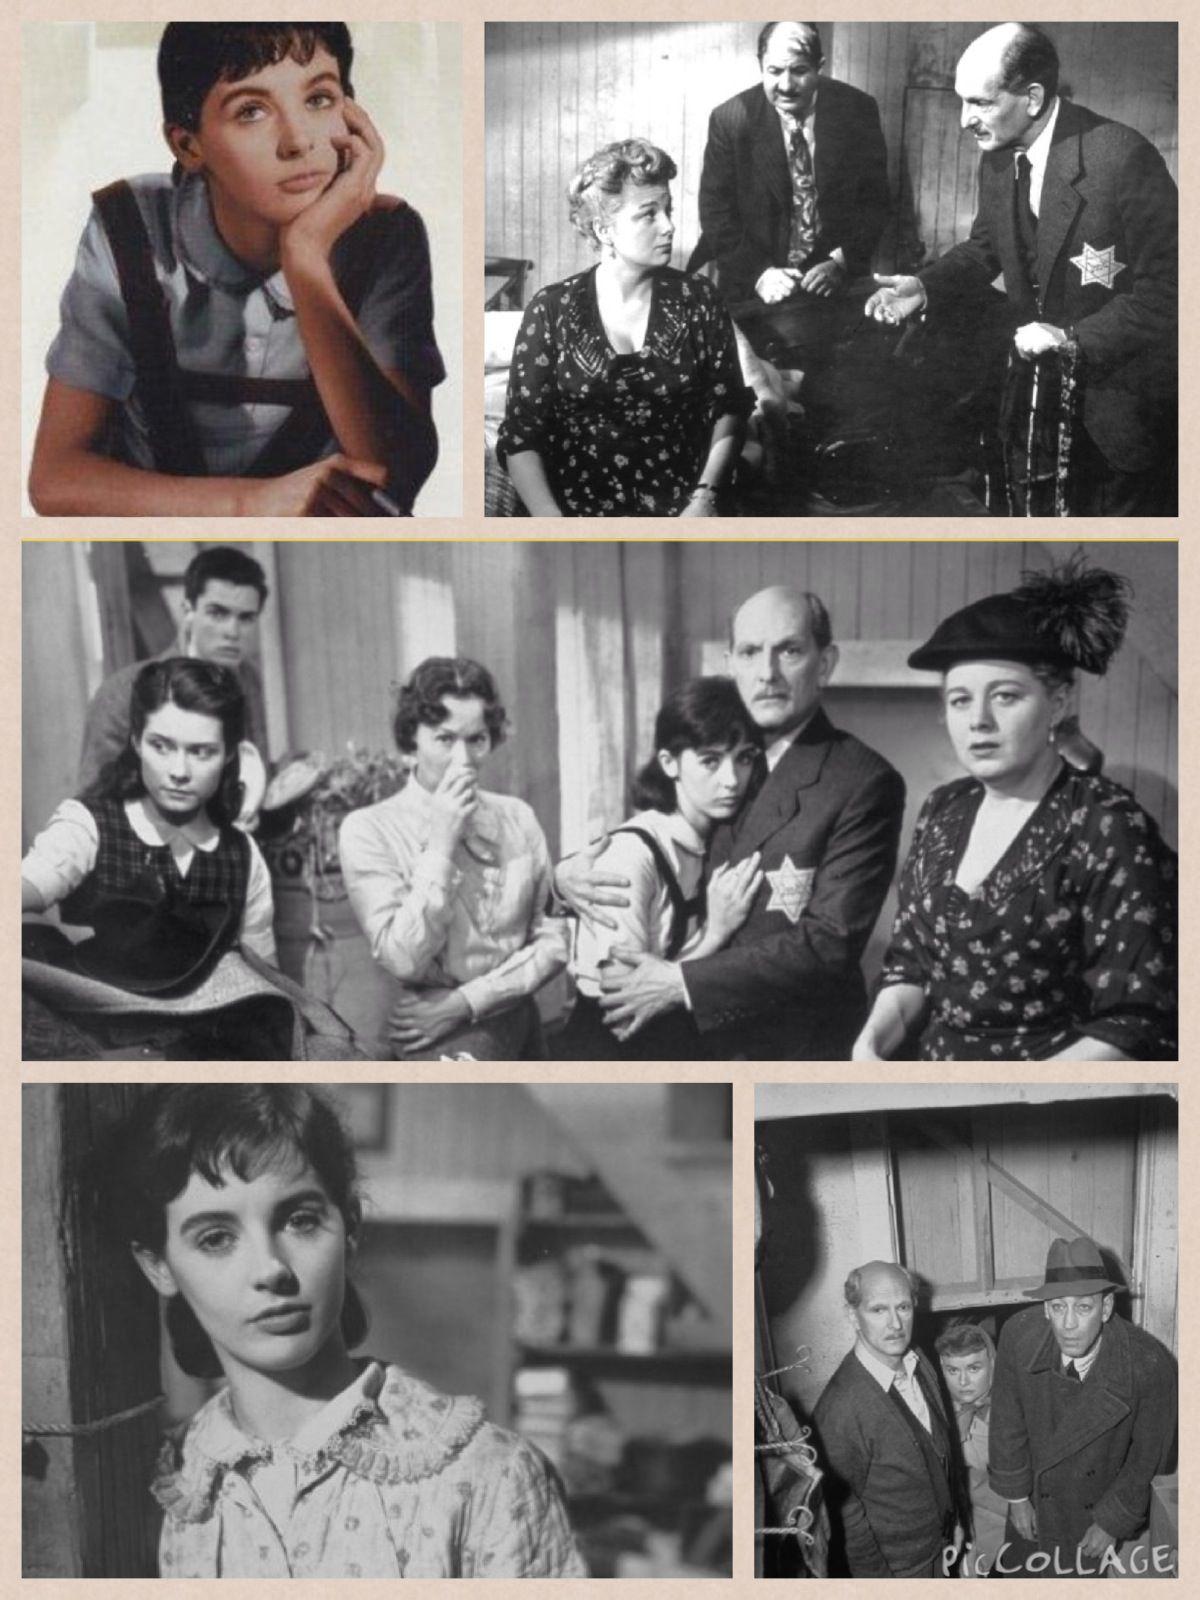 El Diario De Ana Frank 1959 Película Film Frank Pelicula Ana Frank El Diario De Ana Frank